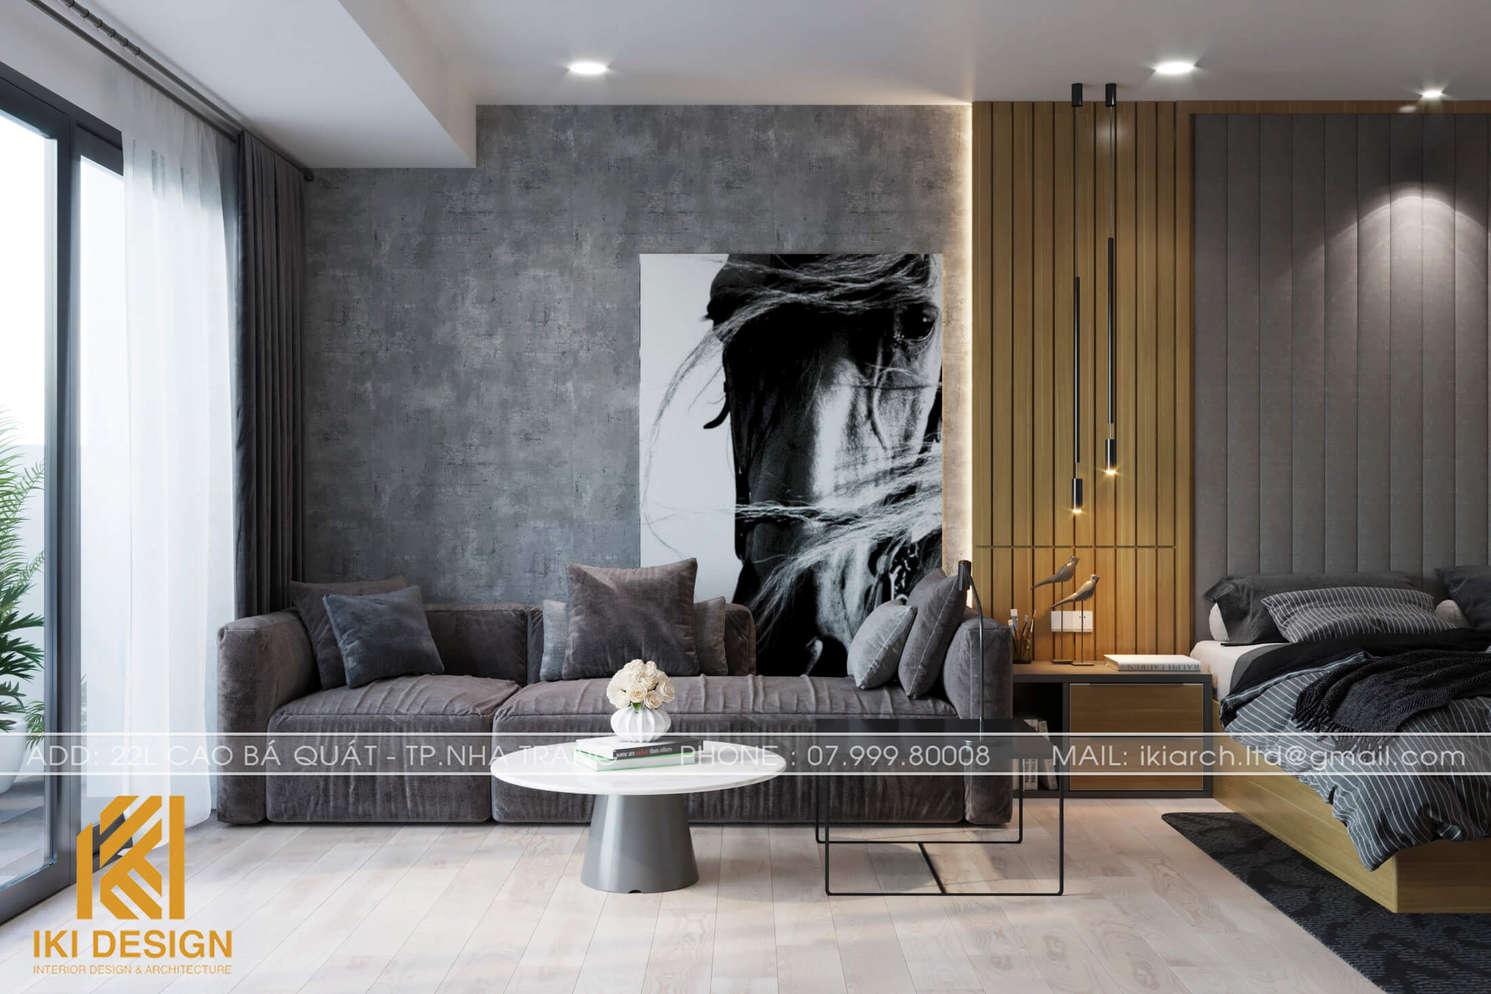 Thiết kế căn hộ Gold Coast Nha Trang 55m2 - IKI200052